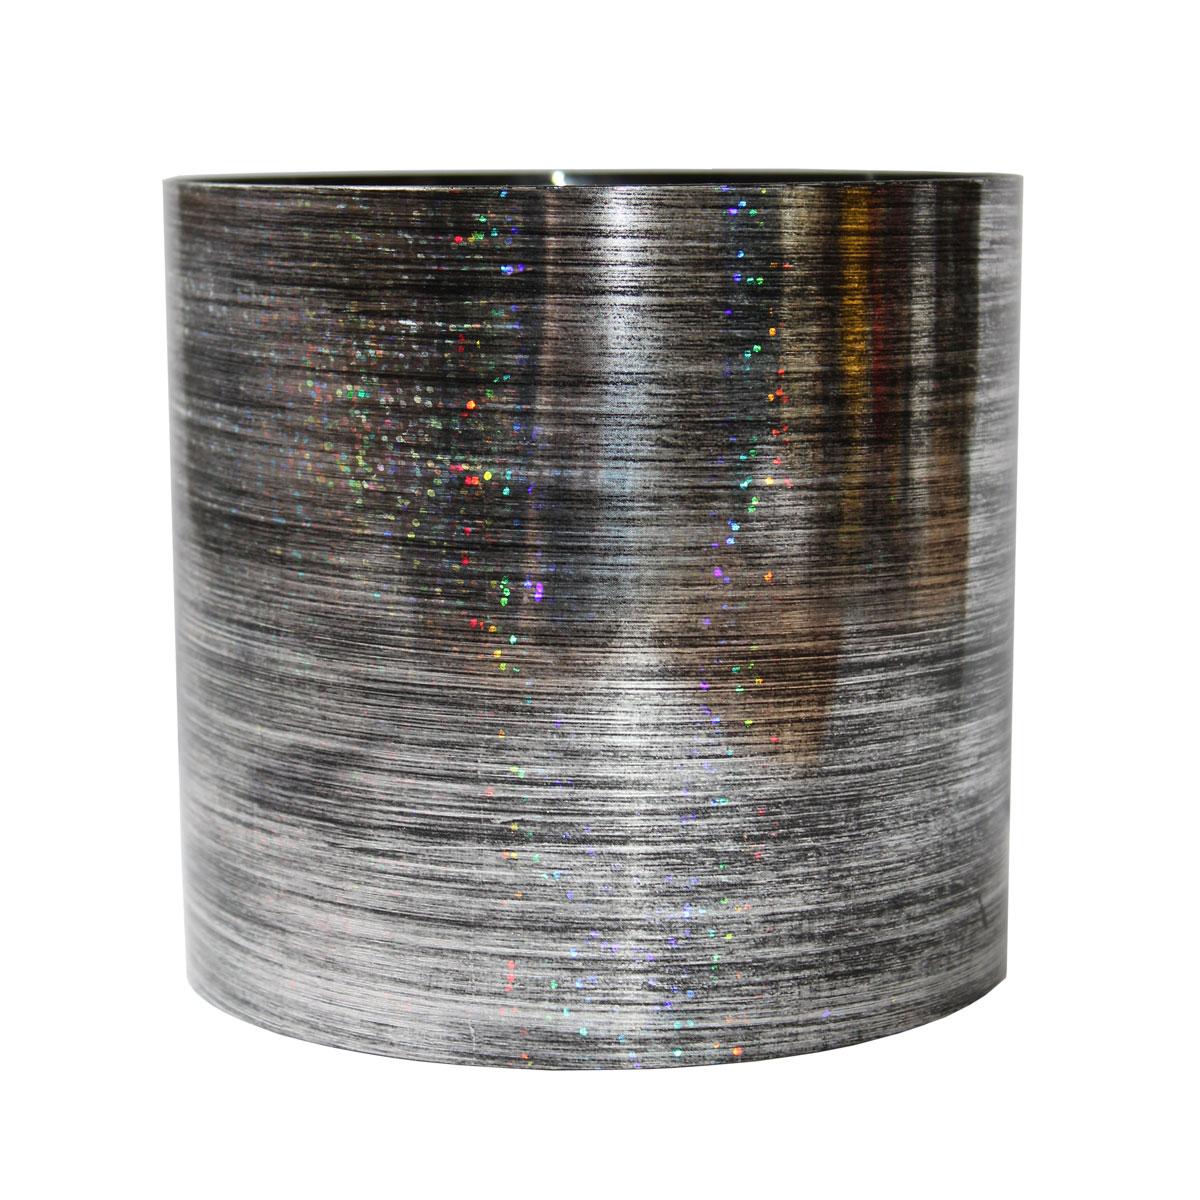 Горшок для цветов Miolla Серебро, со скрытым поддоном, 2,8 лSMG-45Горшок для цветов Miolla Серебро со скрытым поддоном выполнен из пластика. Диаметр горшка: 16,5 см. Высота горшка (с учетом поддона): 16 см. Объем горшка: 2,8 л.